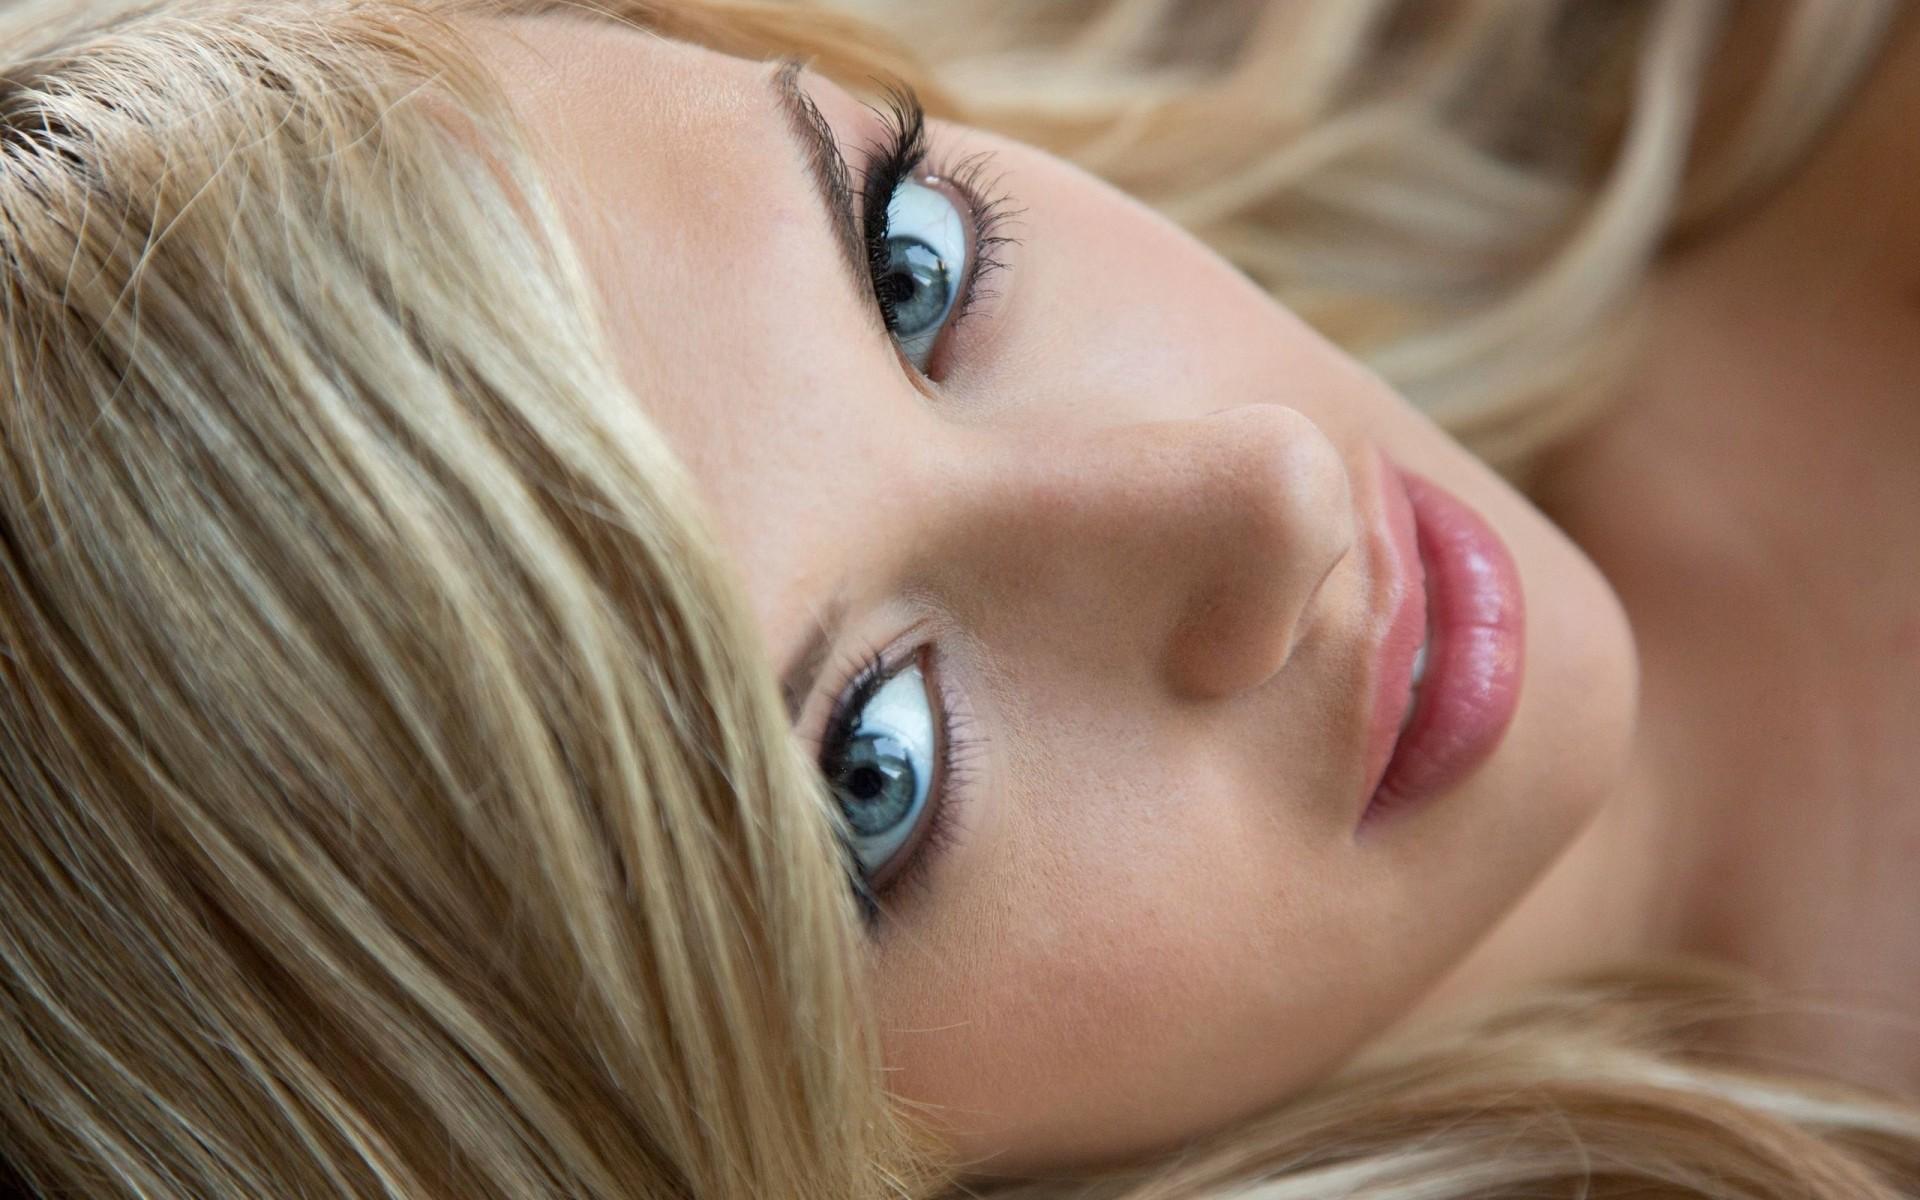 Видеоархив частный шикарная классическая блондинка с зелеными глазами порномодель фото неграми онлайн